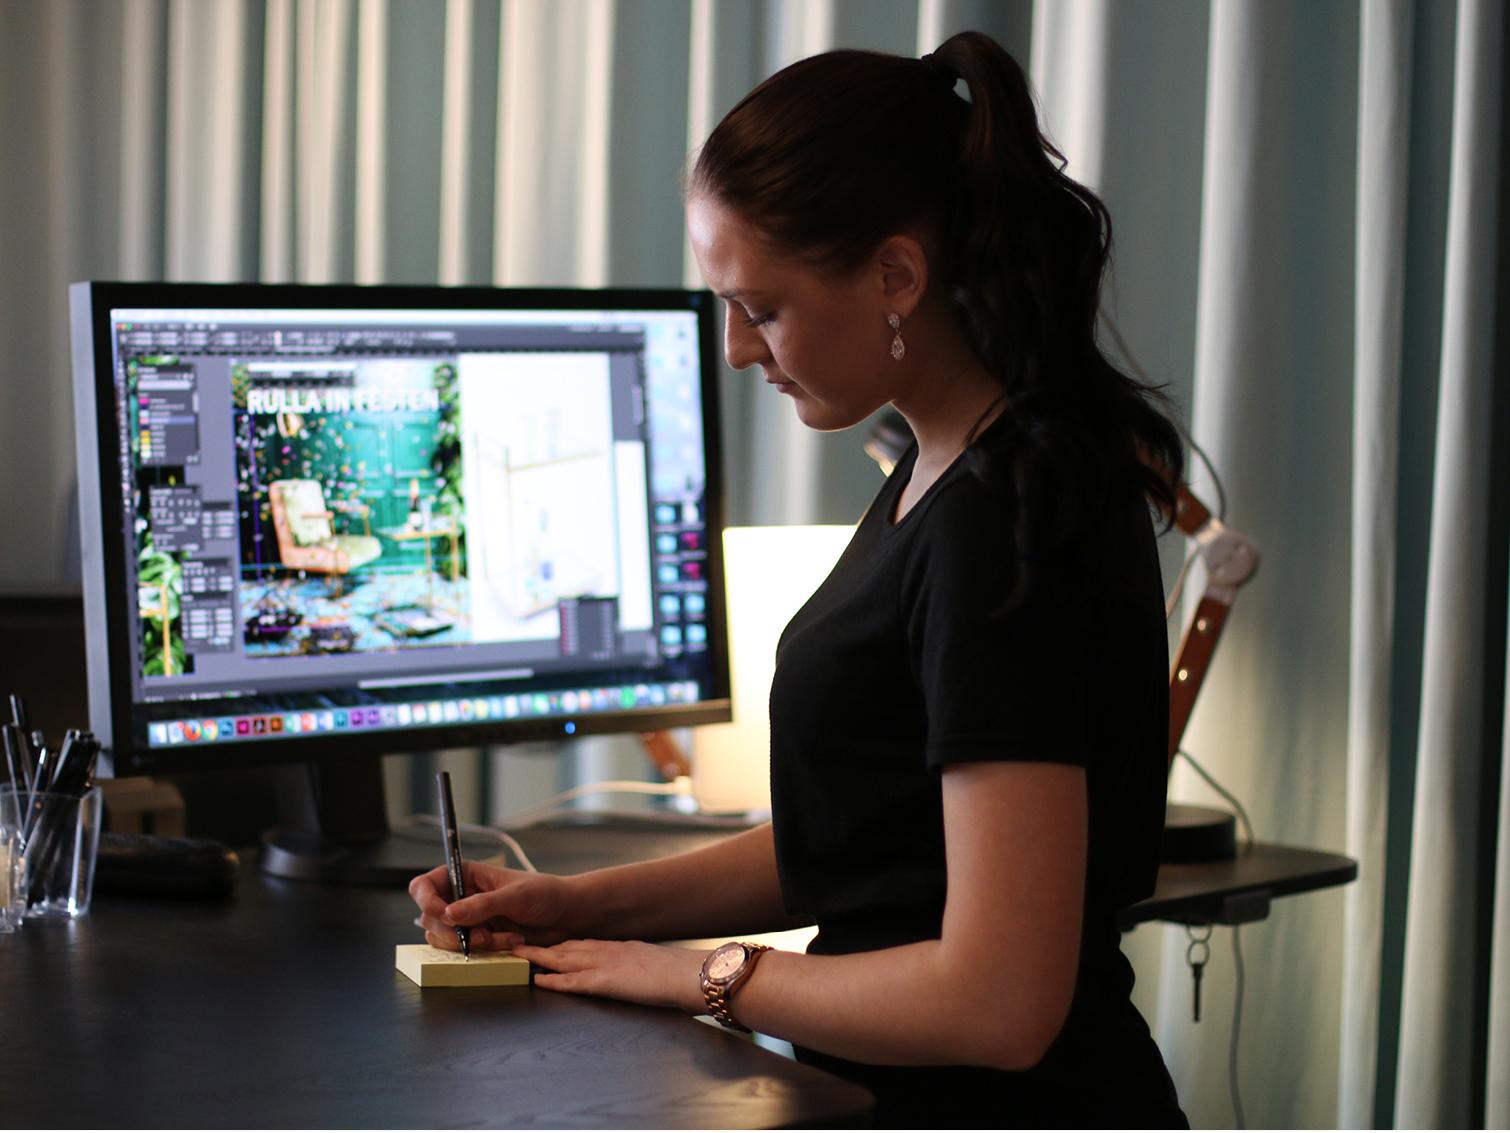 creative-mill-sala-vastmanland-kommunikationsbyra-reklam-marknadsforing4